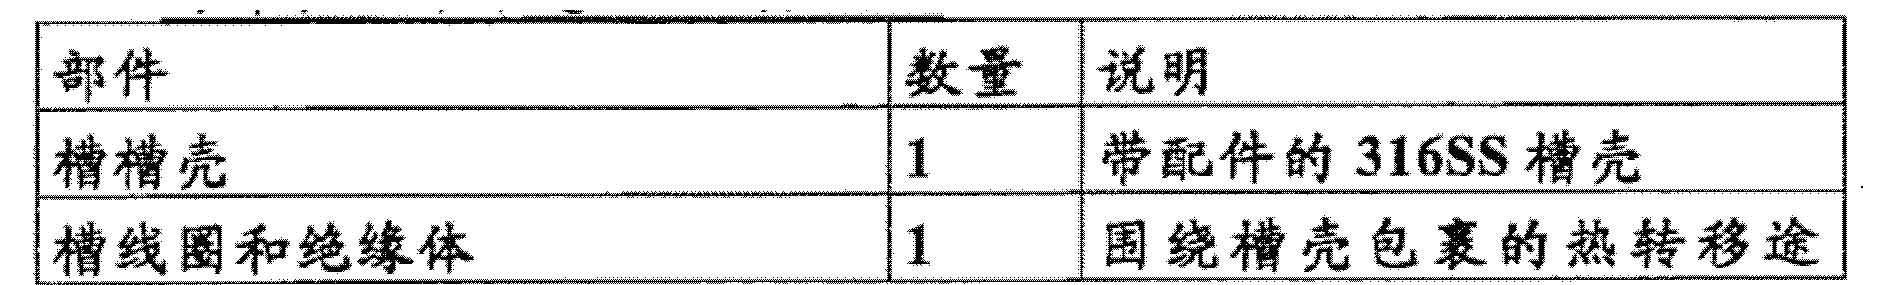 Figure CN102492607BD00101